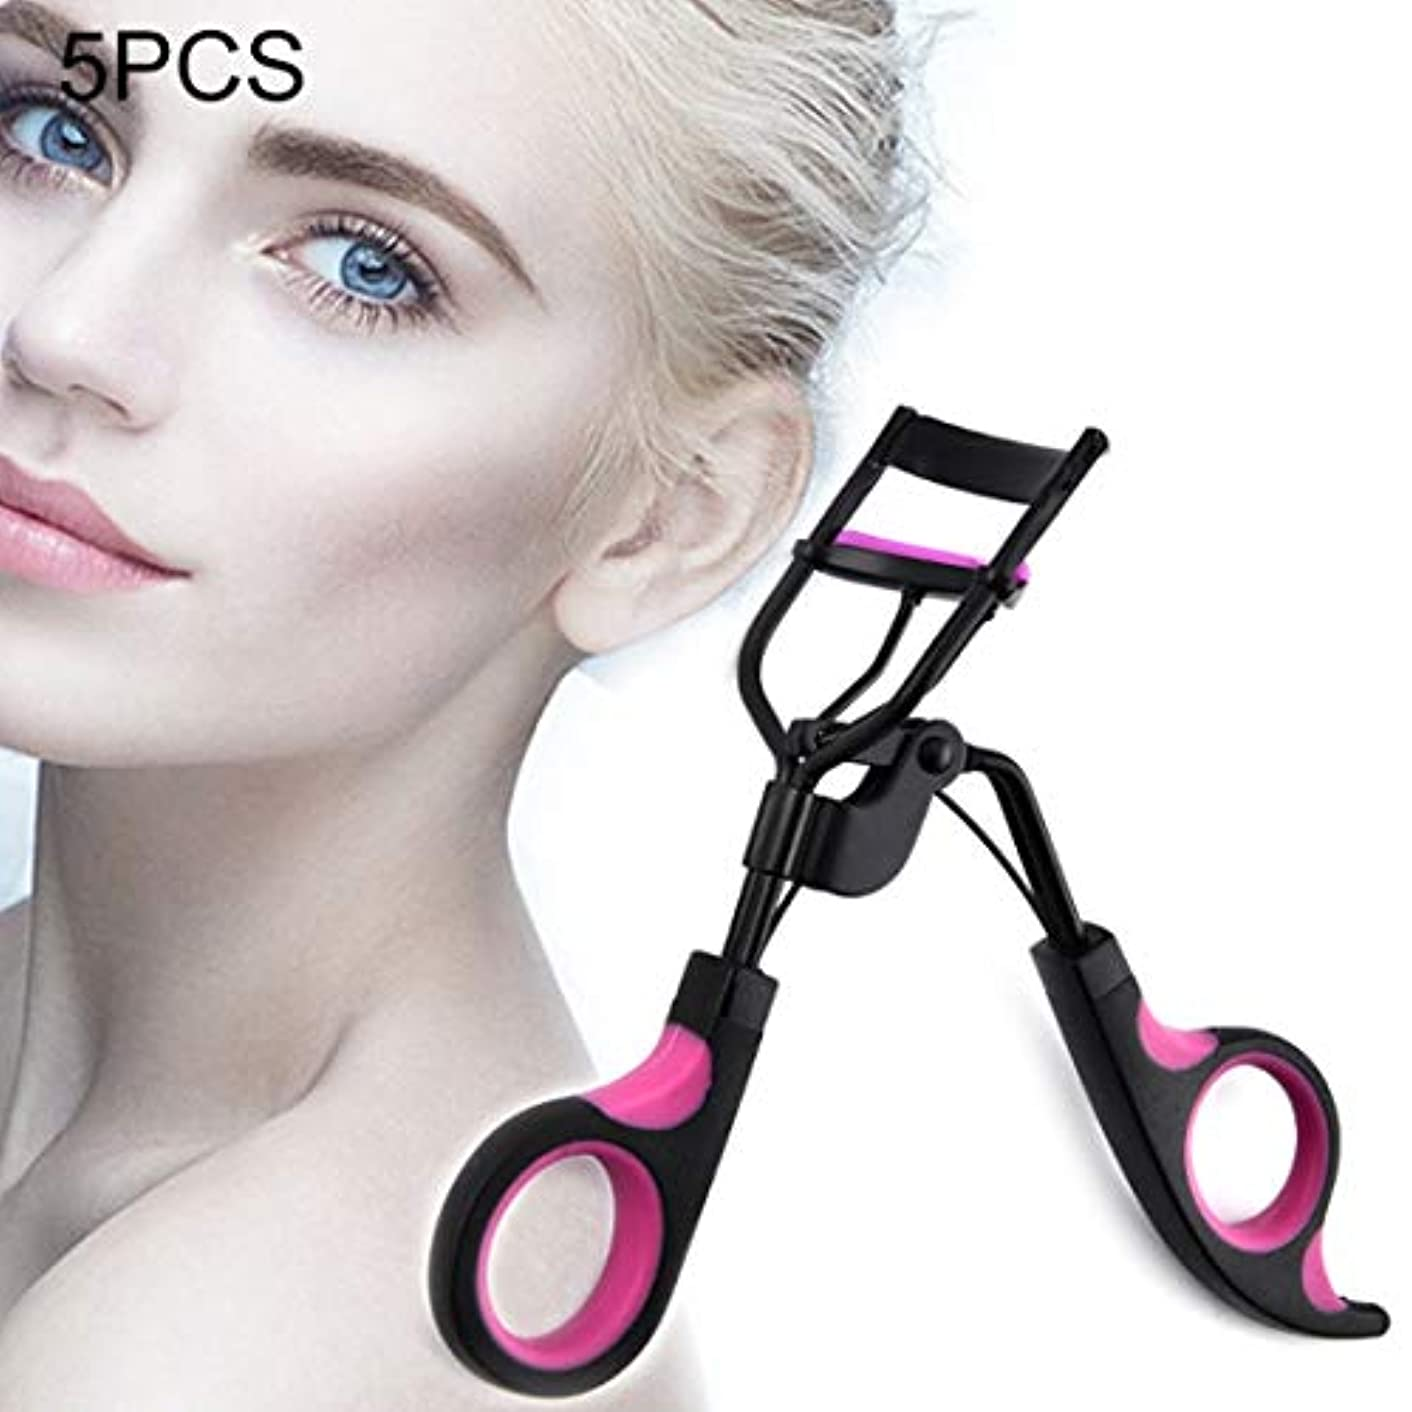 部屋を掃除する掘る励起美容アクセサリー 5 PCS 2色超広角メイクアップツールまつげカラー、ランダムカラーデリバリー 写真美容アクセサリー